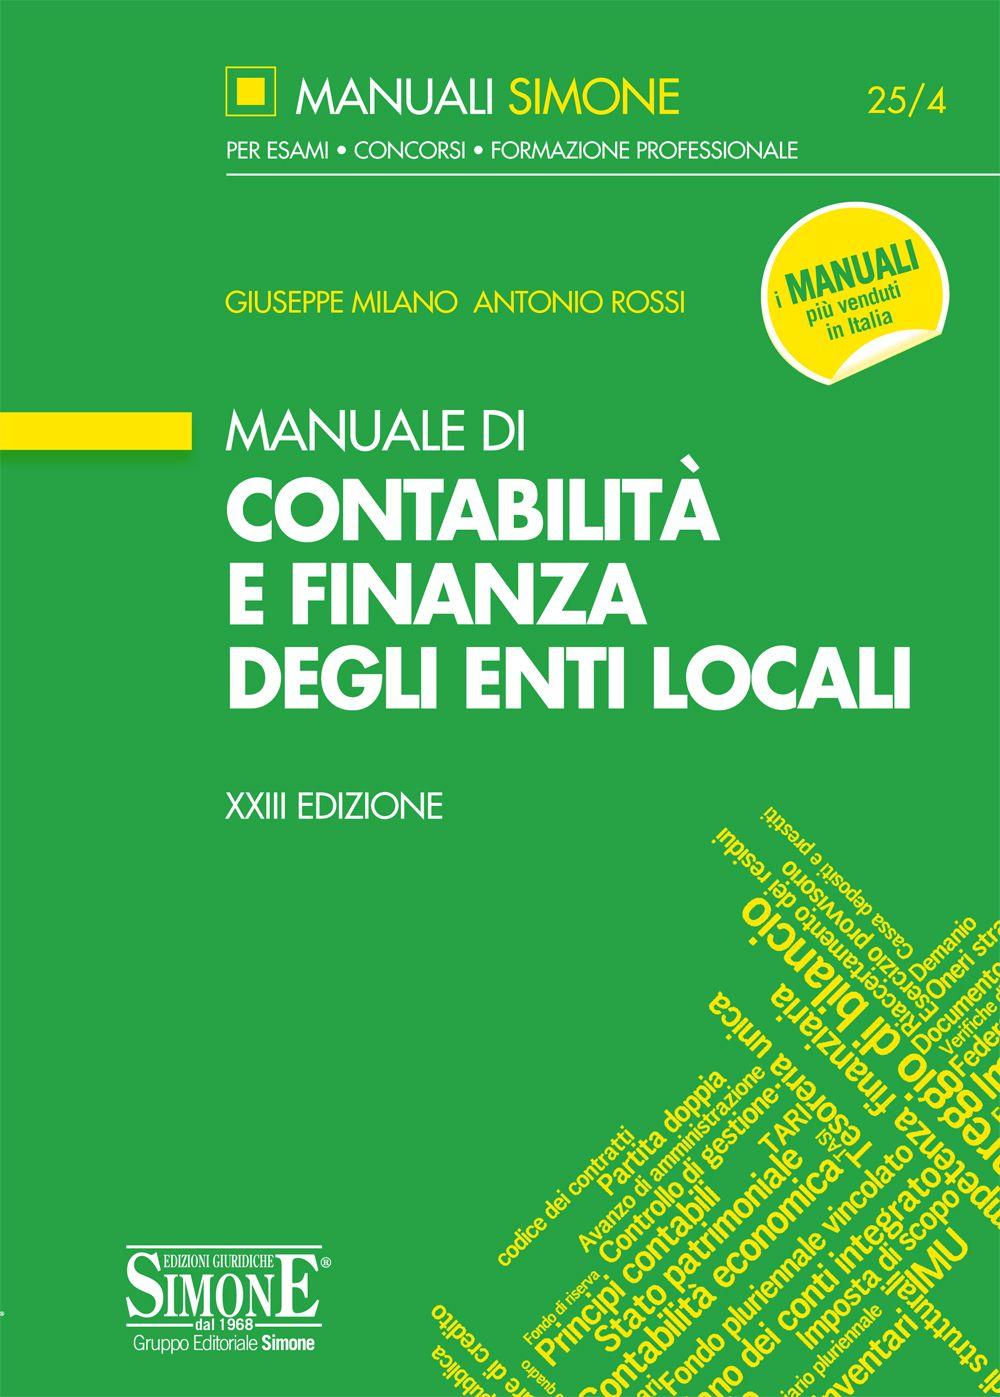 Manuale Di Contabilità E Finanza Degli Enti Locali Edizioni Simone